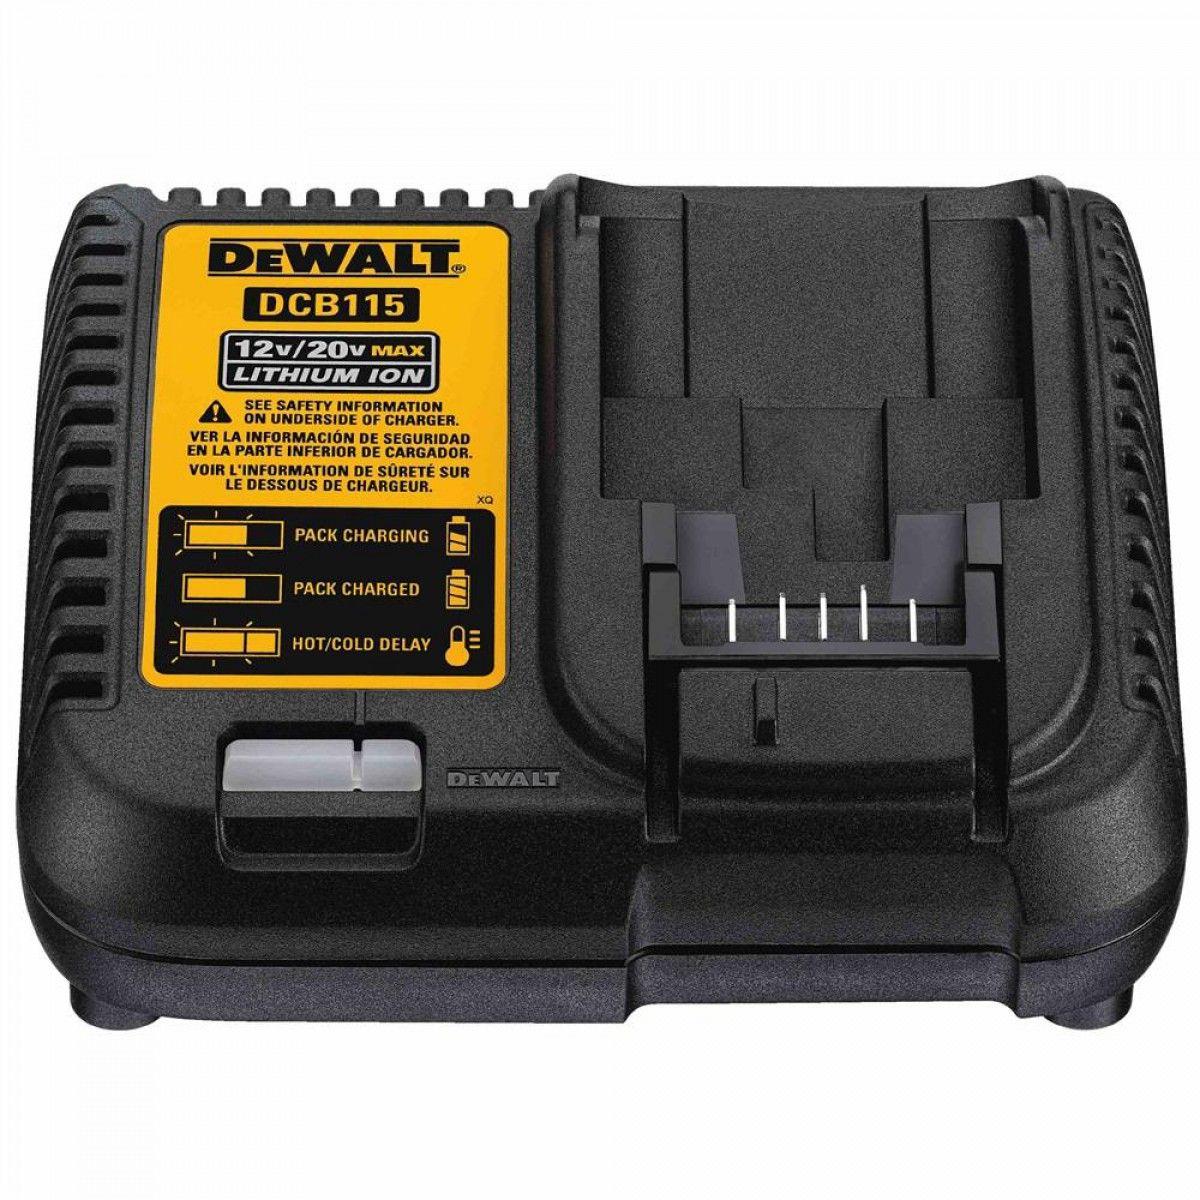 Carregador Bateria 12v A 20v Dcb115 / Dcb101 / Dcb107 Dewalt